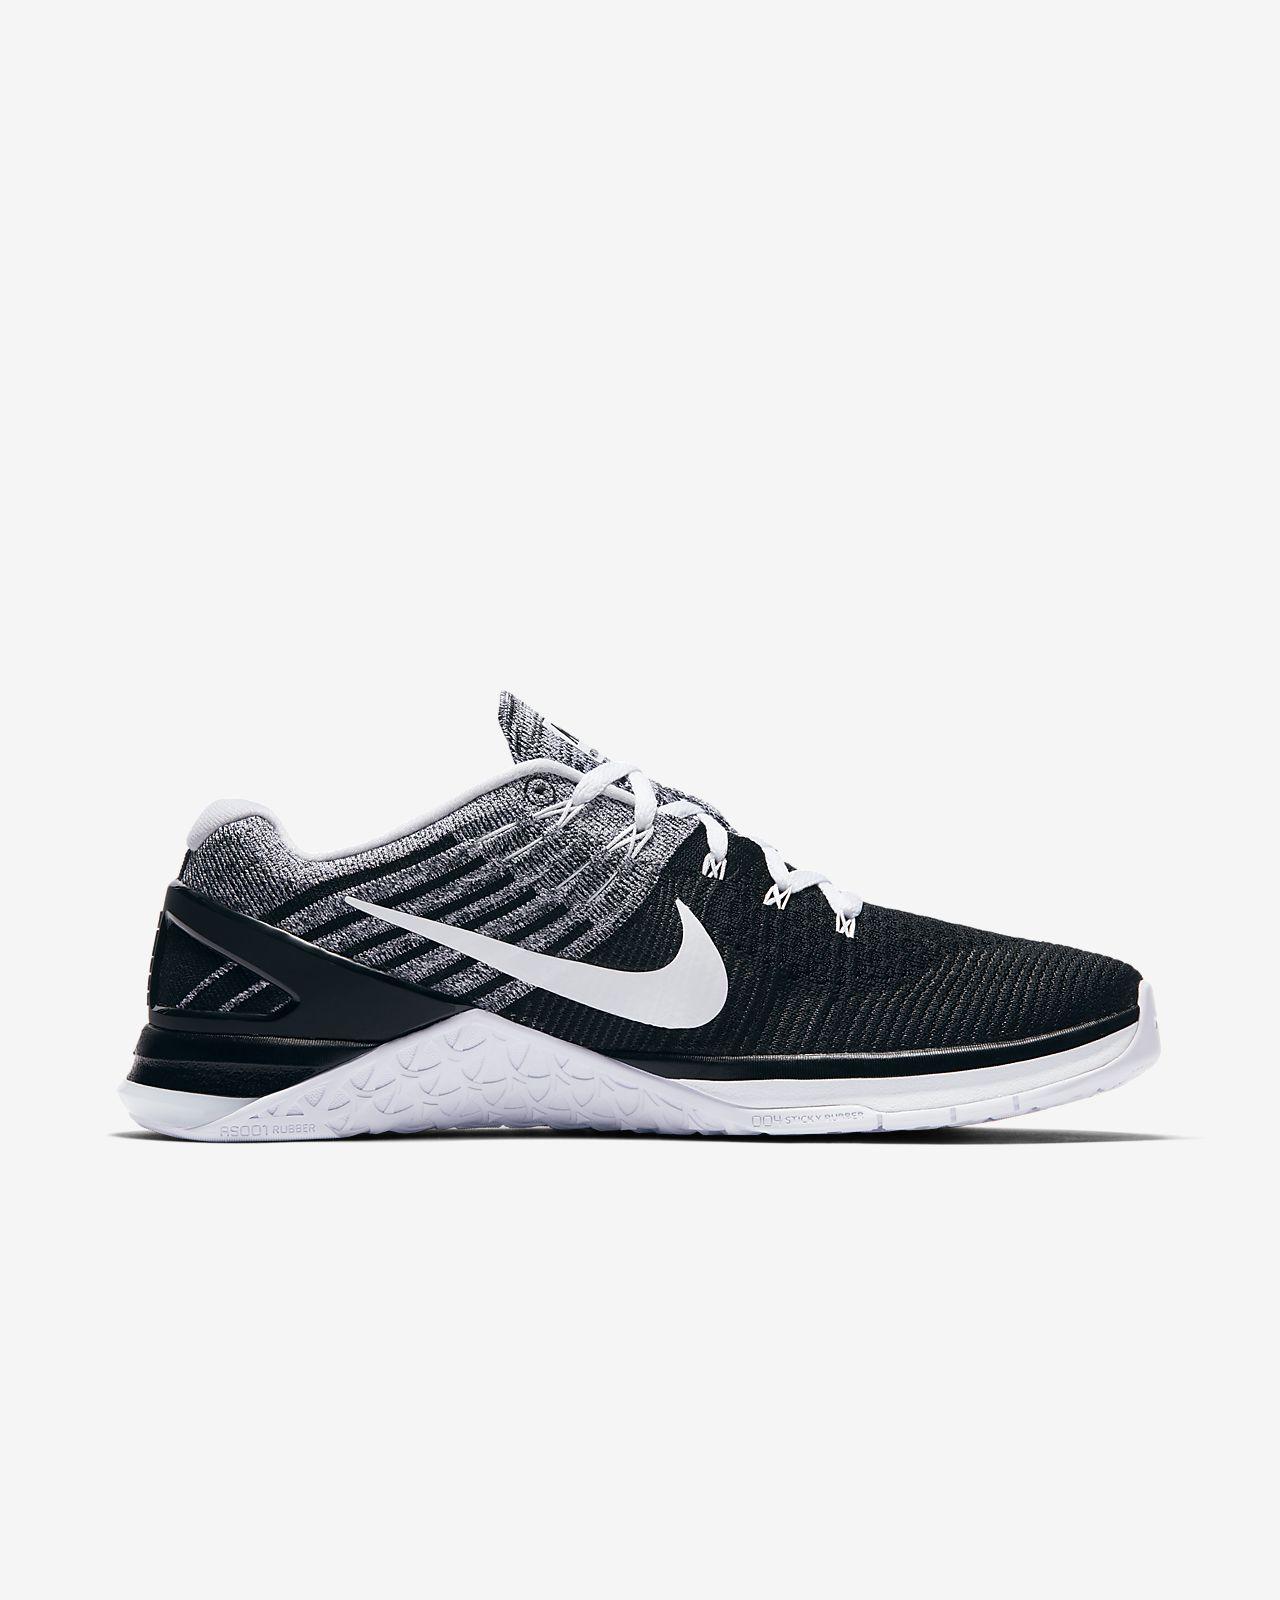 Noir Chaussures Metcon Performance Nike Pour Les Hommes 7e4Er6d4